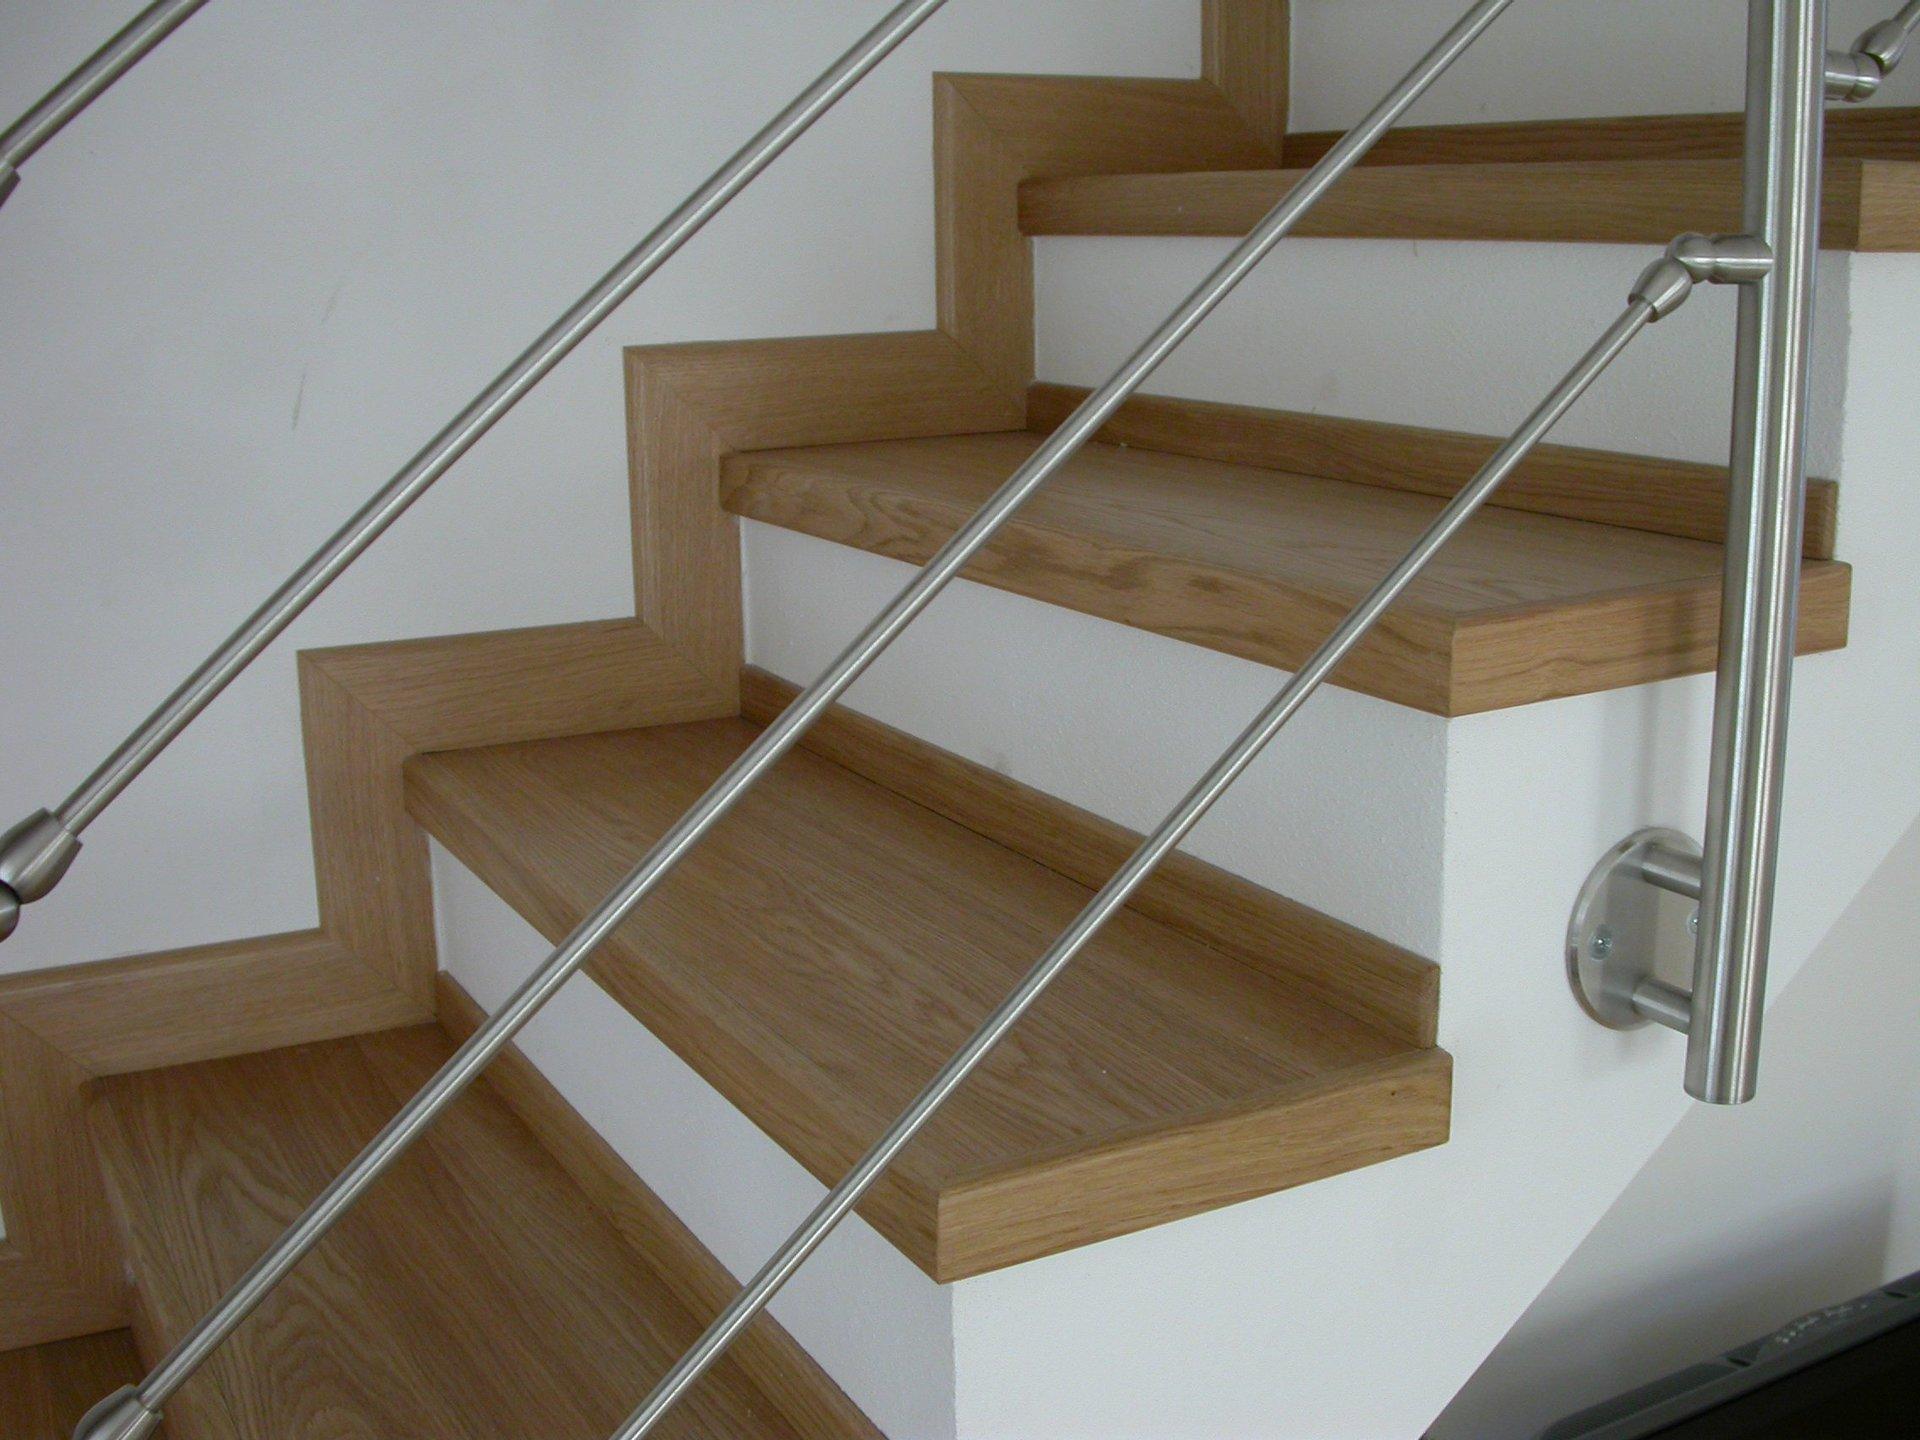 tra gradini di una scala